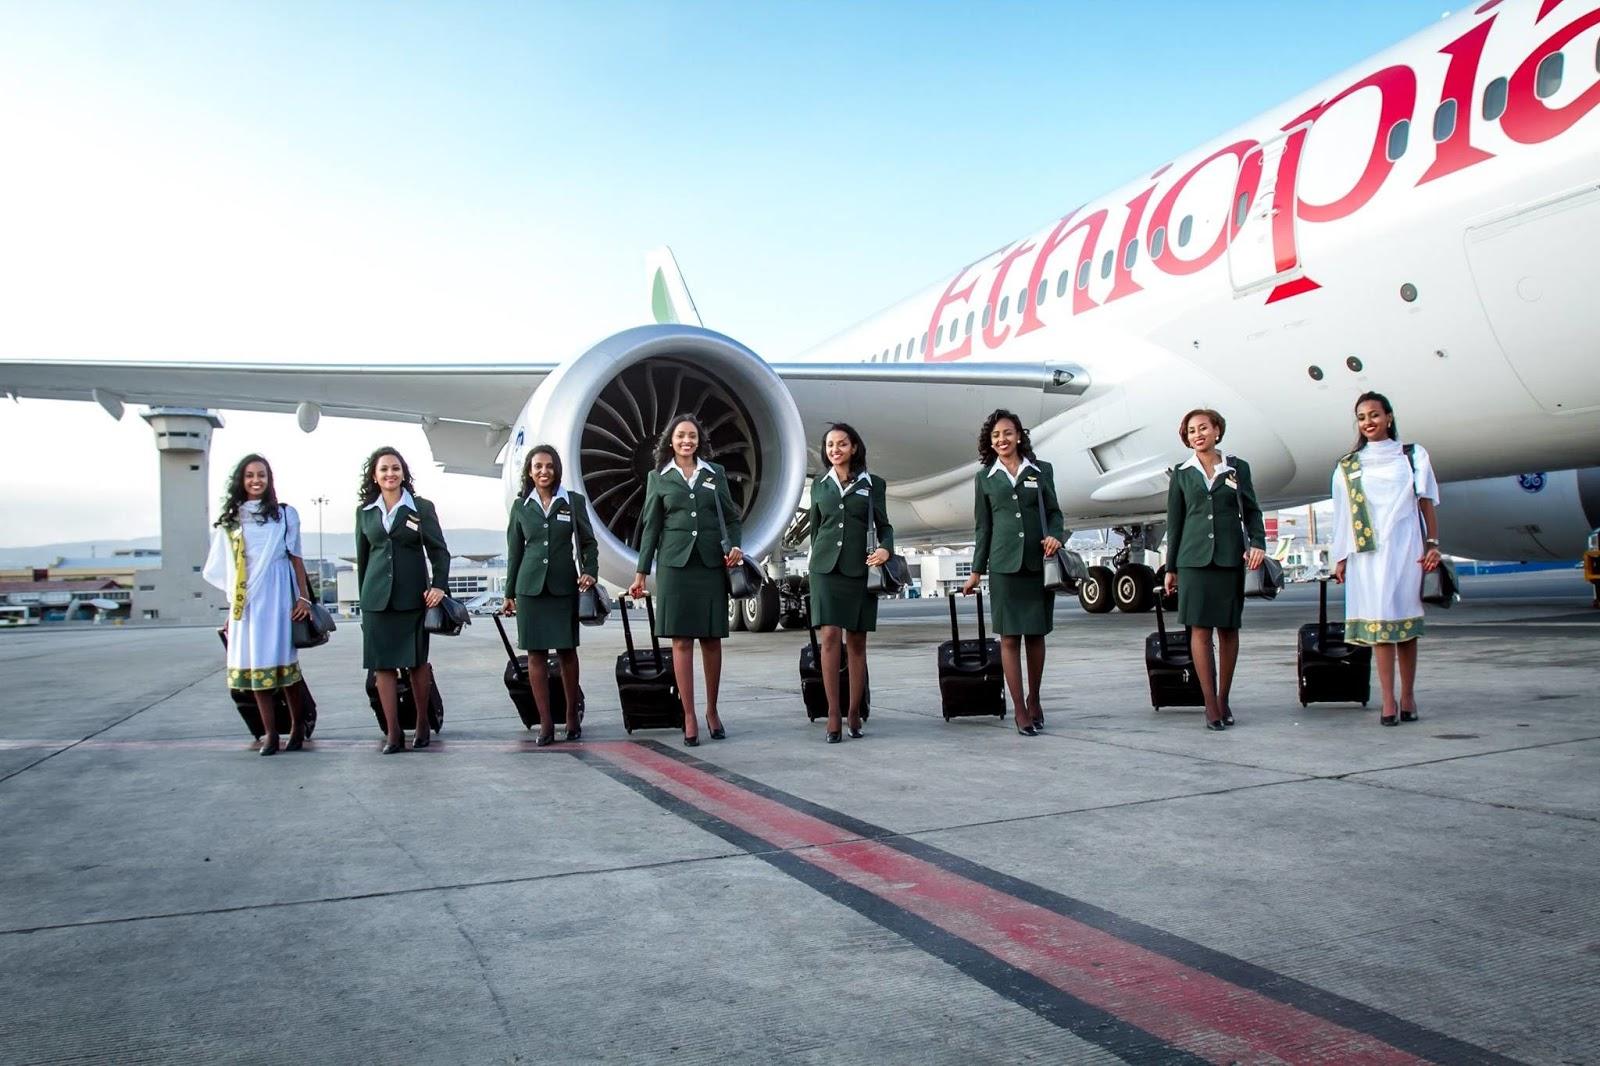 ETHIOPIAN AIRLINES: СЕЙШЕЛЬСКИЕ ОСТРОВА ОТ 34 835 РУБЛЕЙ